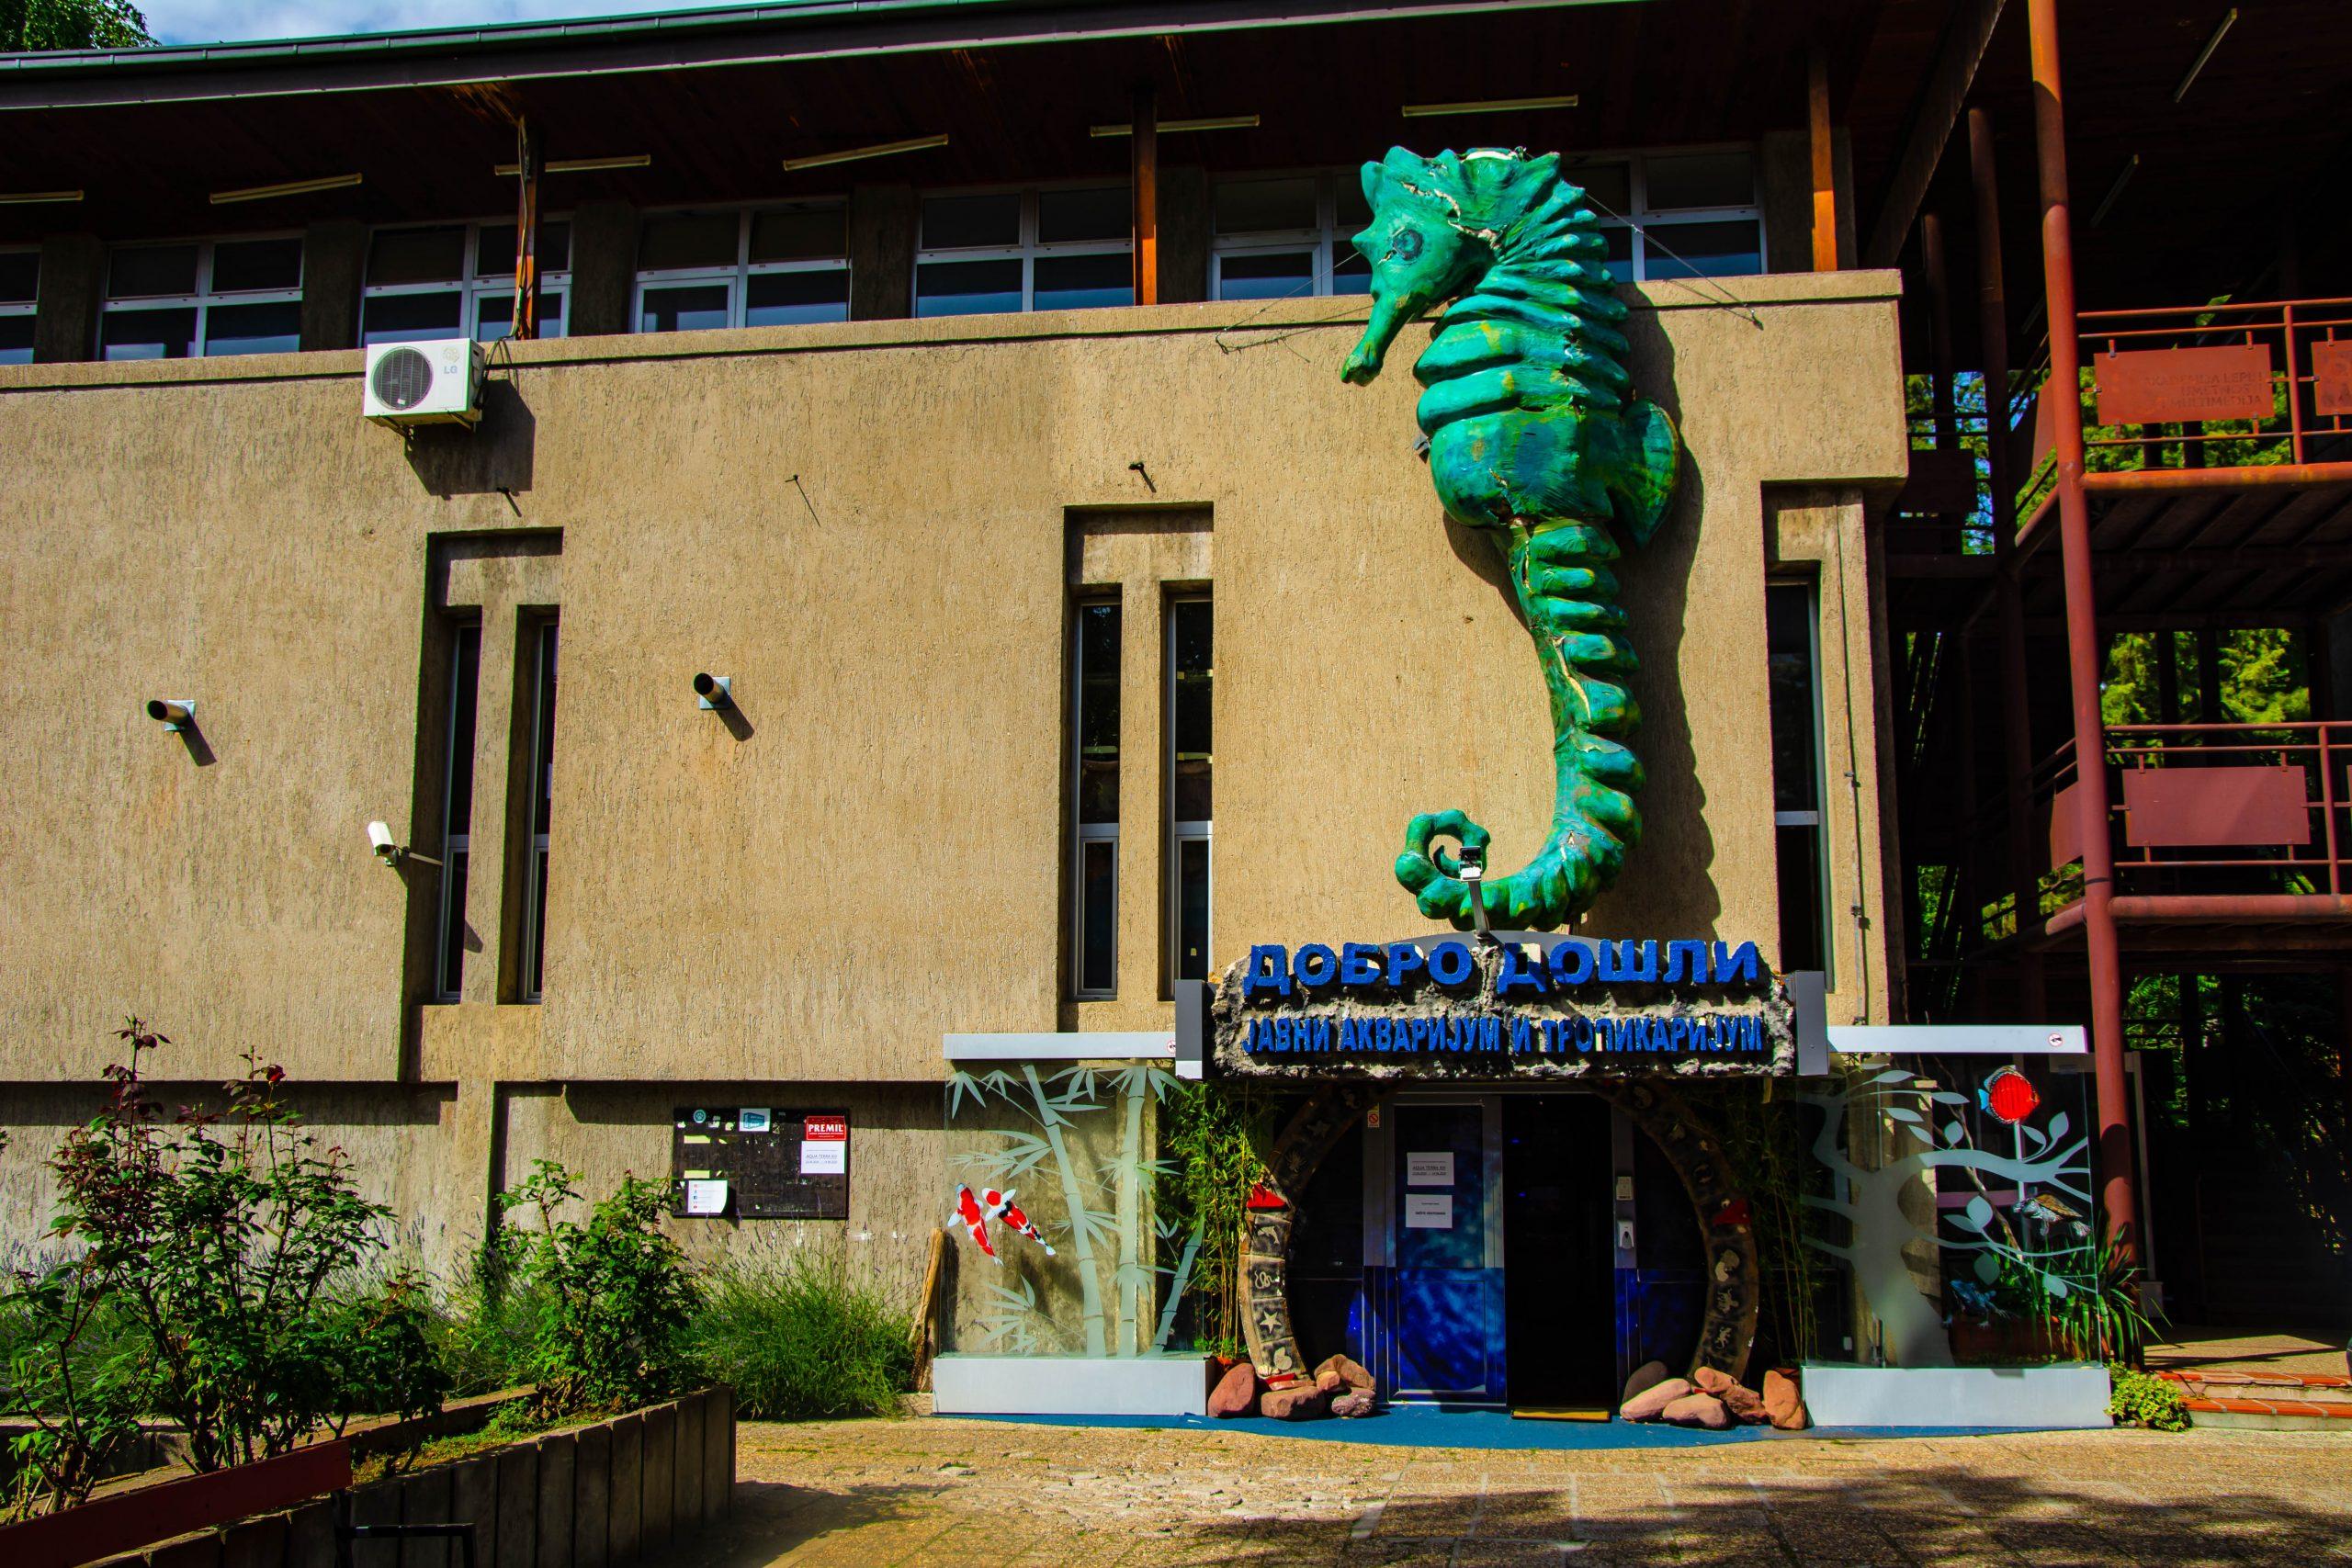 U Javnom akvarijumu: Mesto gde su životinje uvek na prvom mestu (FOTO) 3